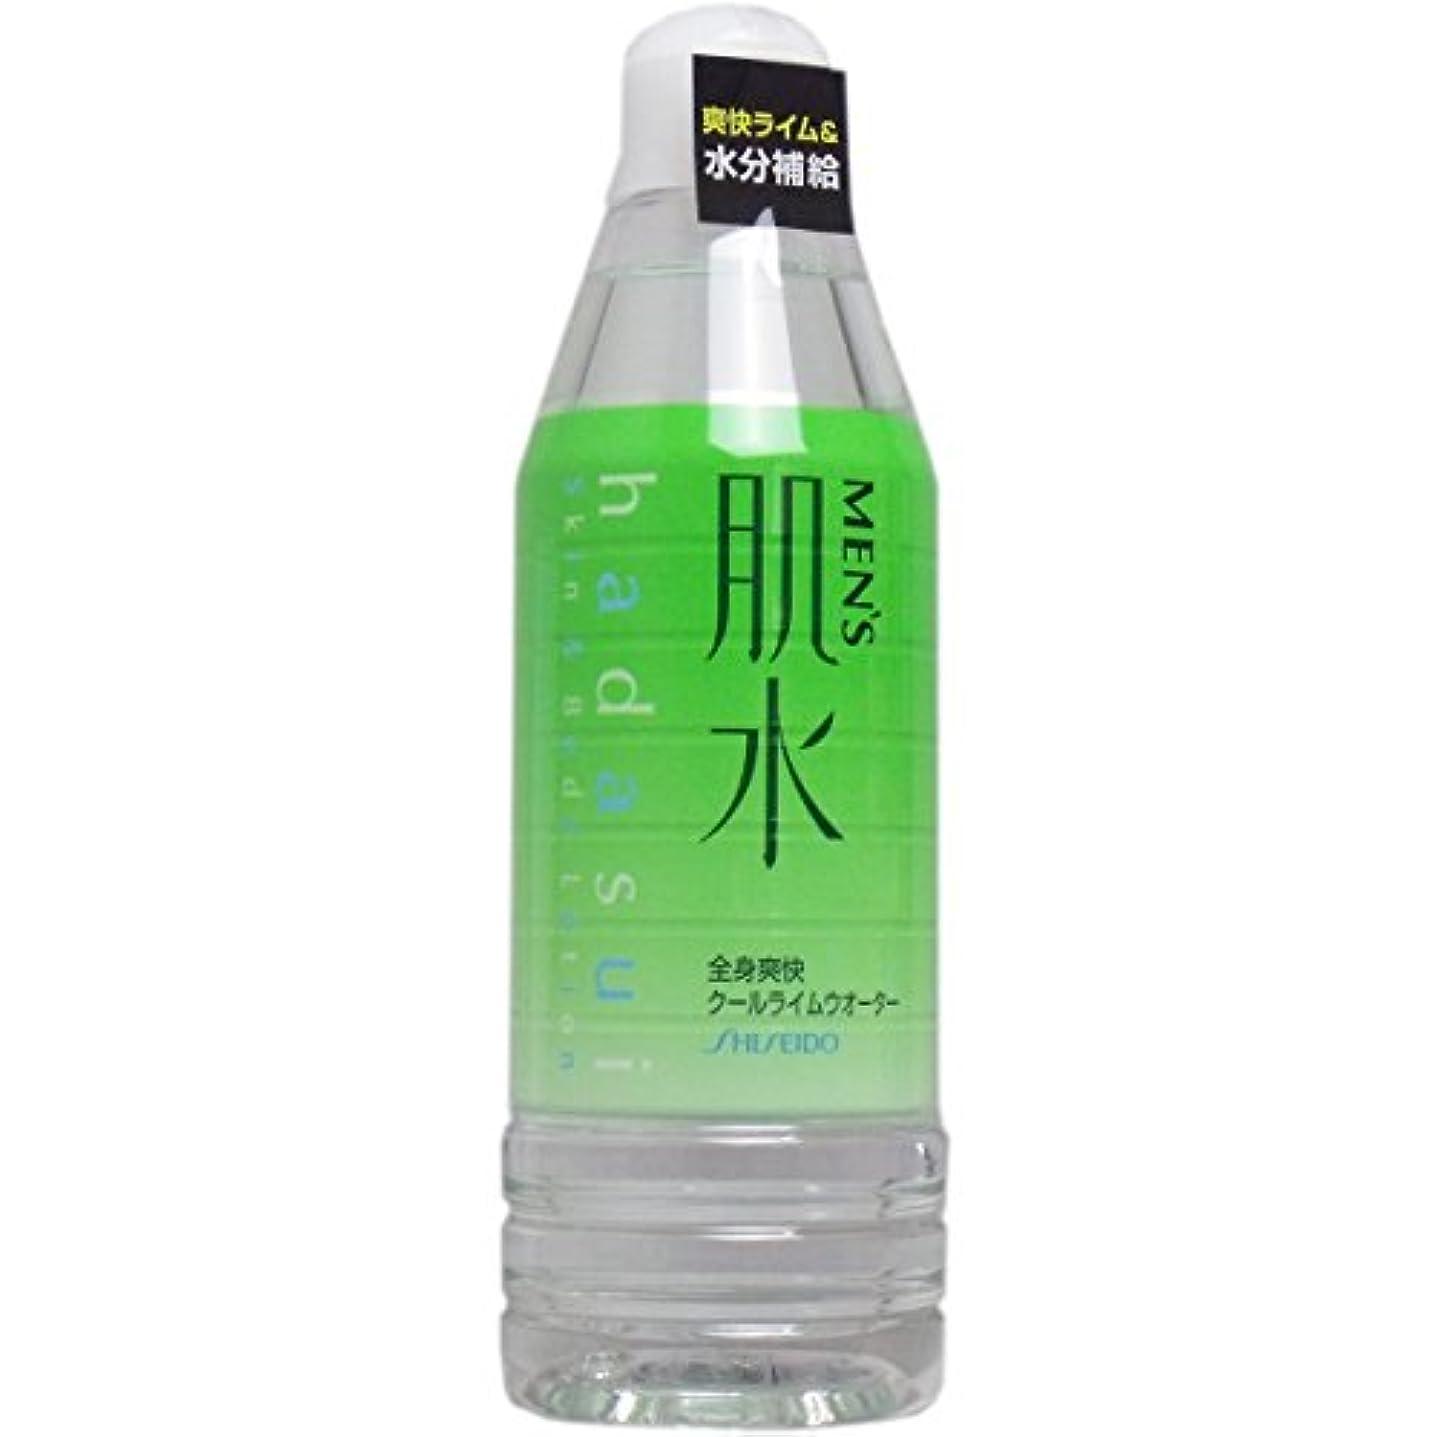 メンズ肌水 ボトルタイプ 400ml